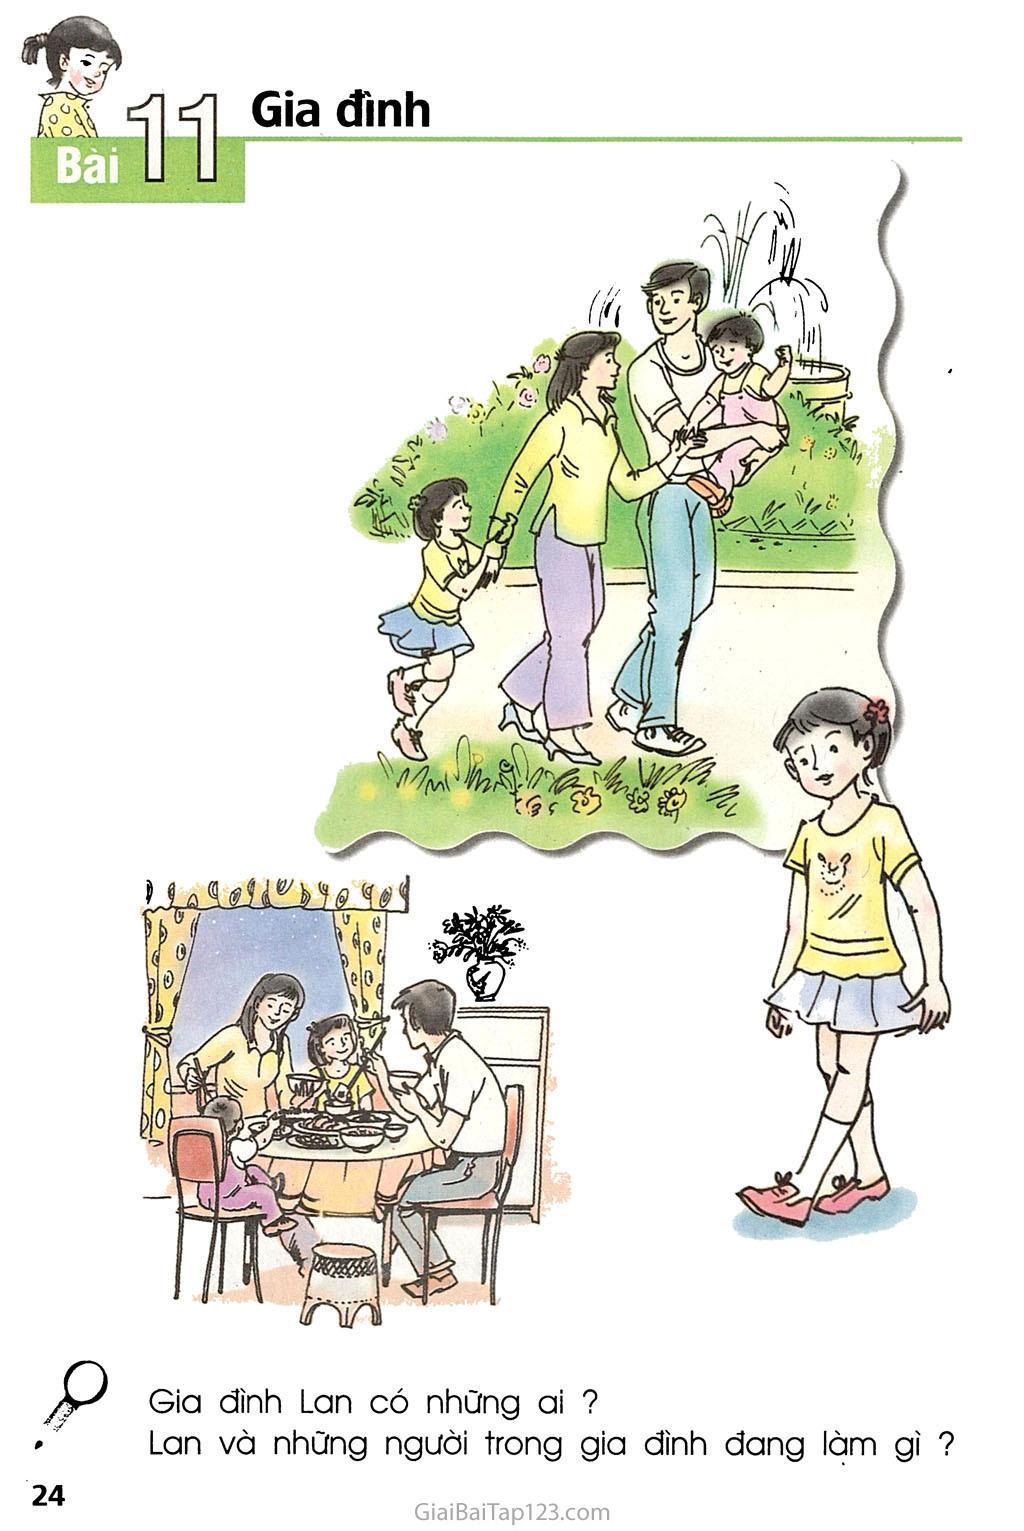 Bài 11. Gia đình trang 2